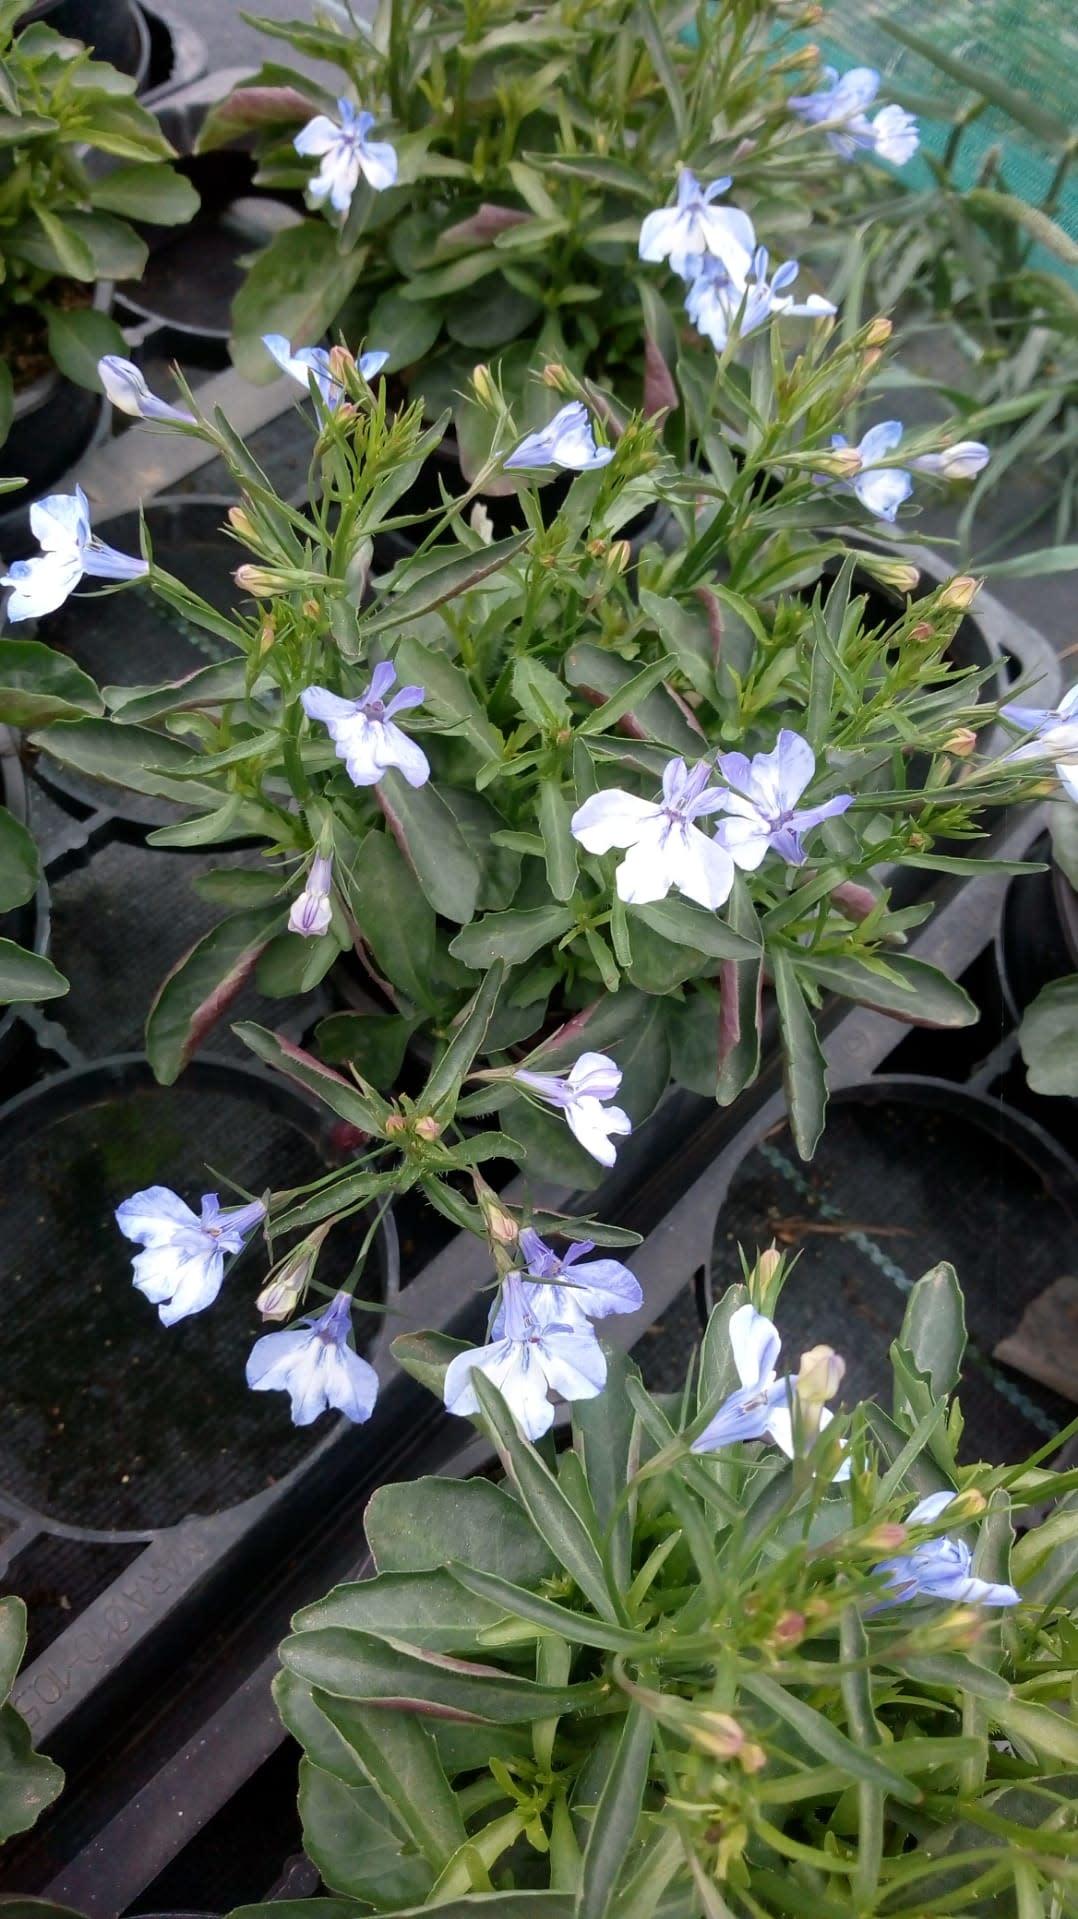 Lobelia witblauw